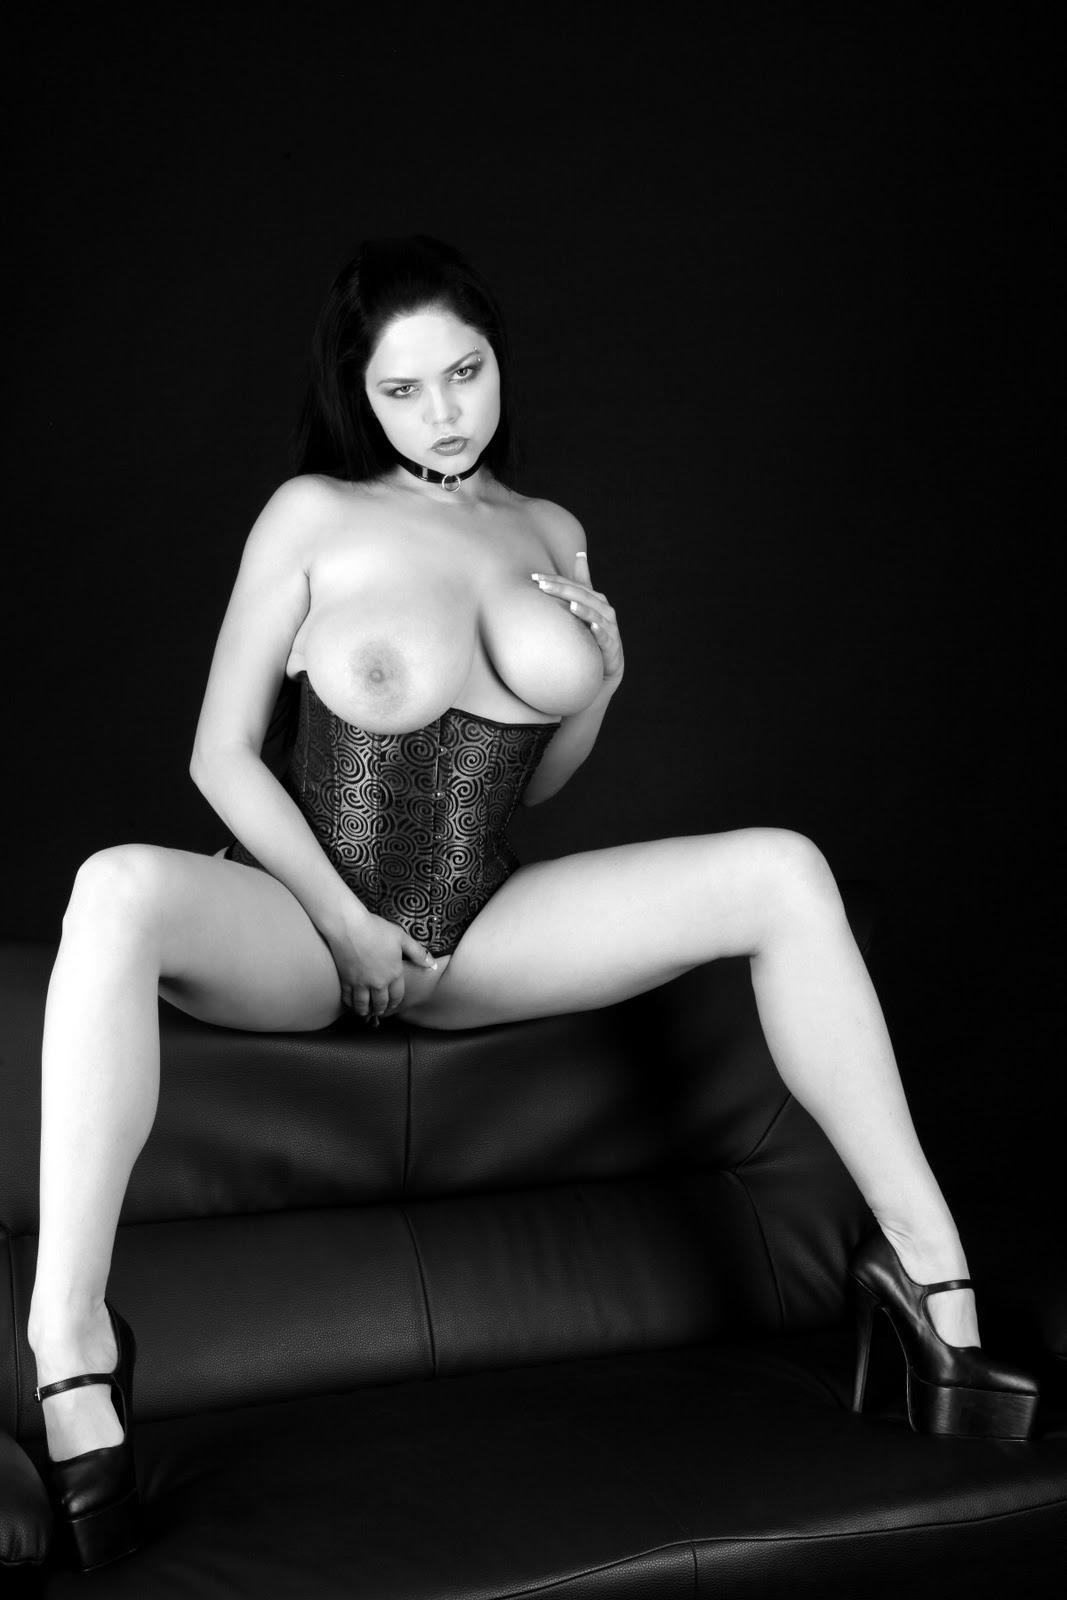 ssbbw sex images